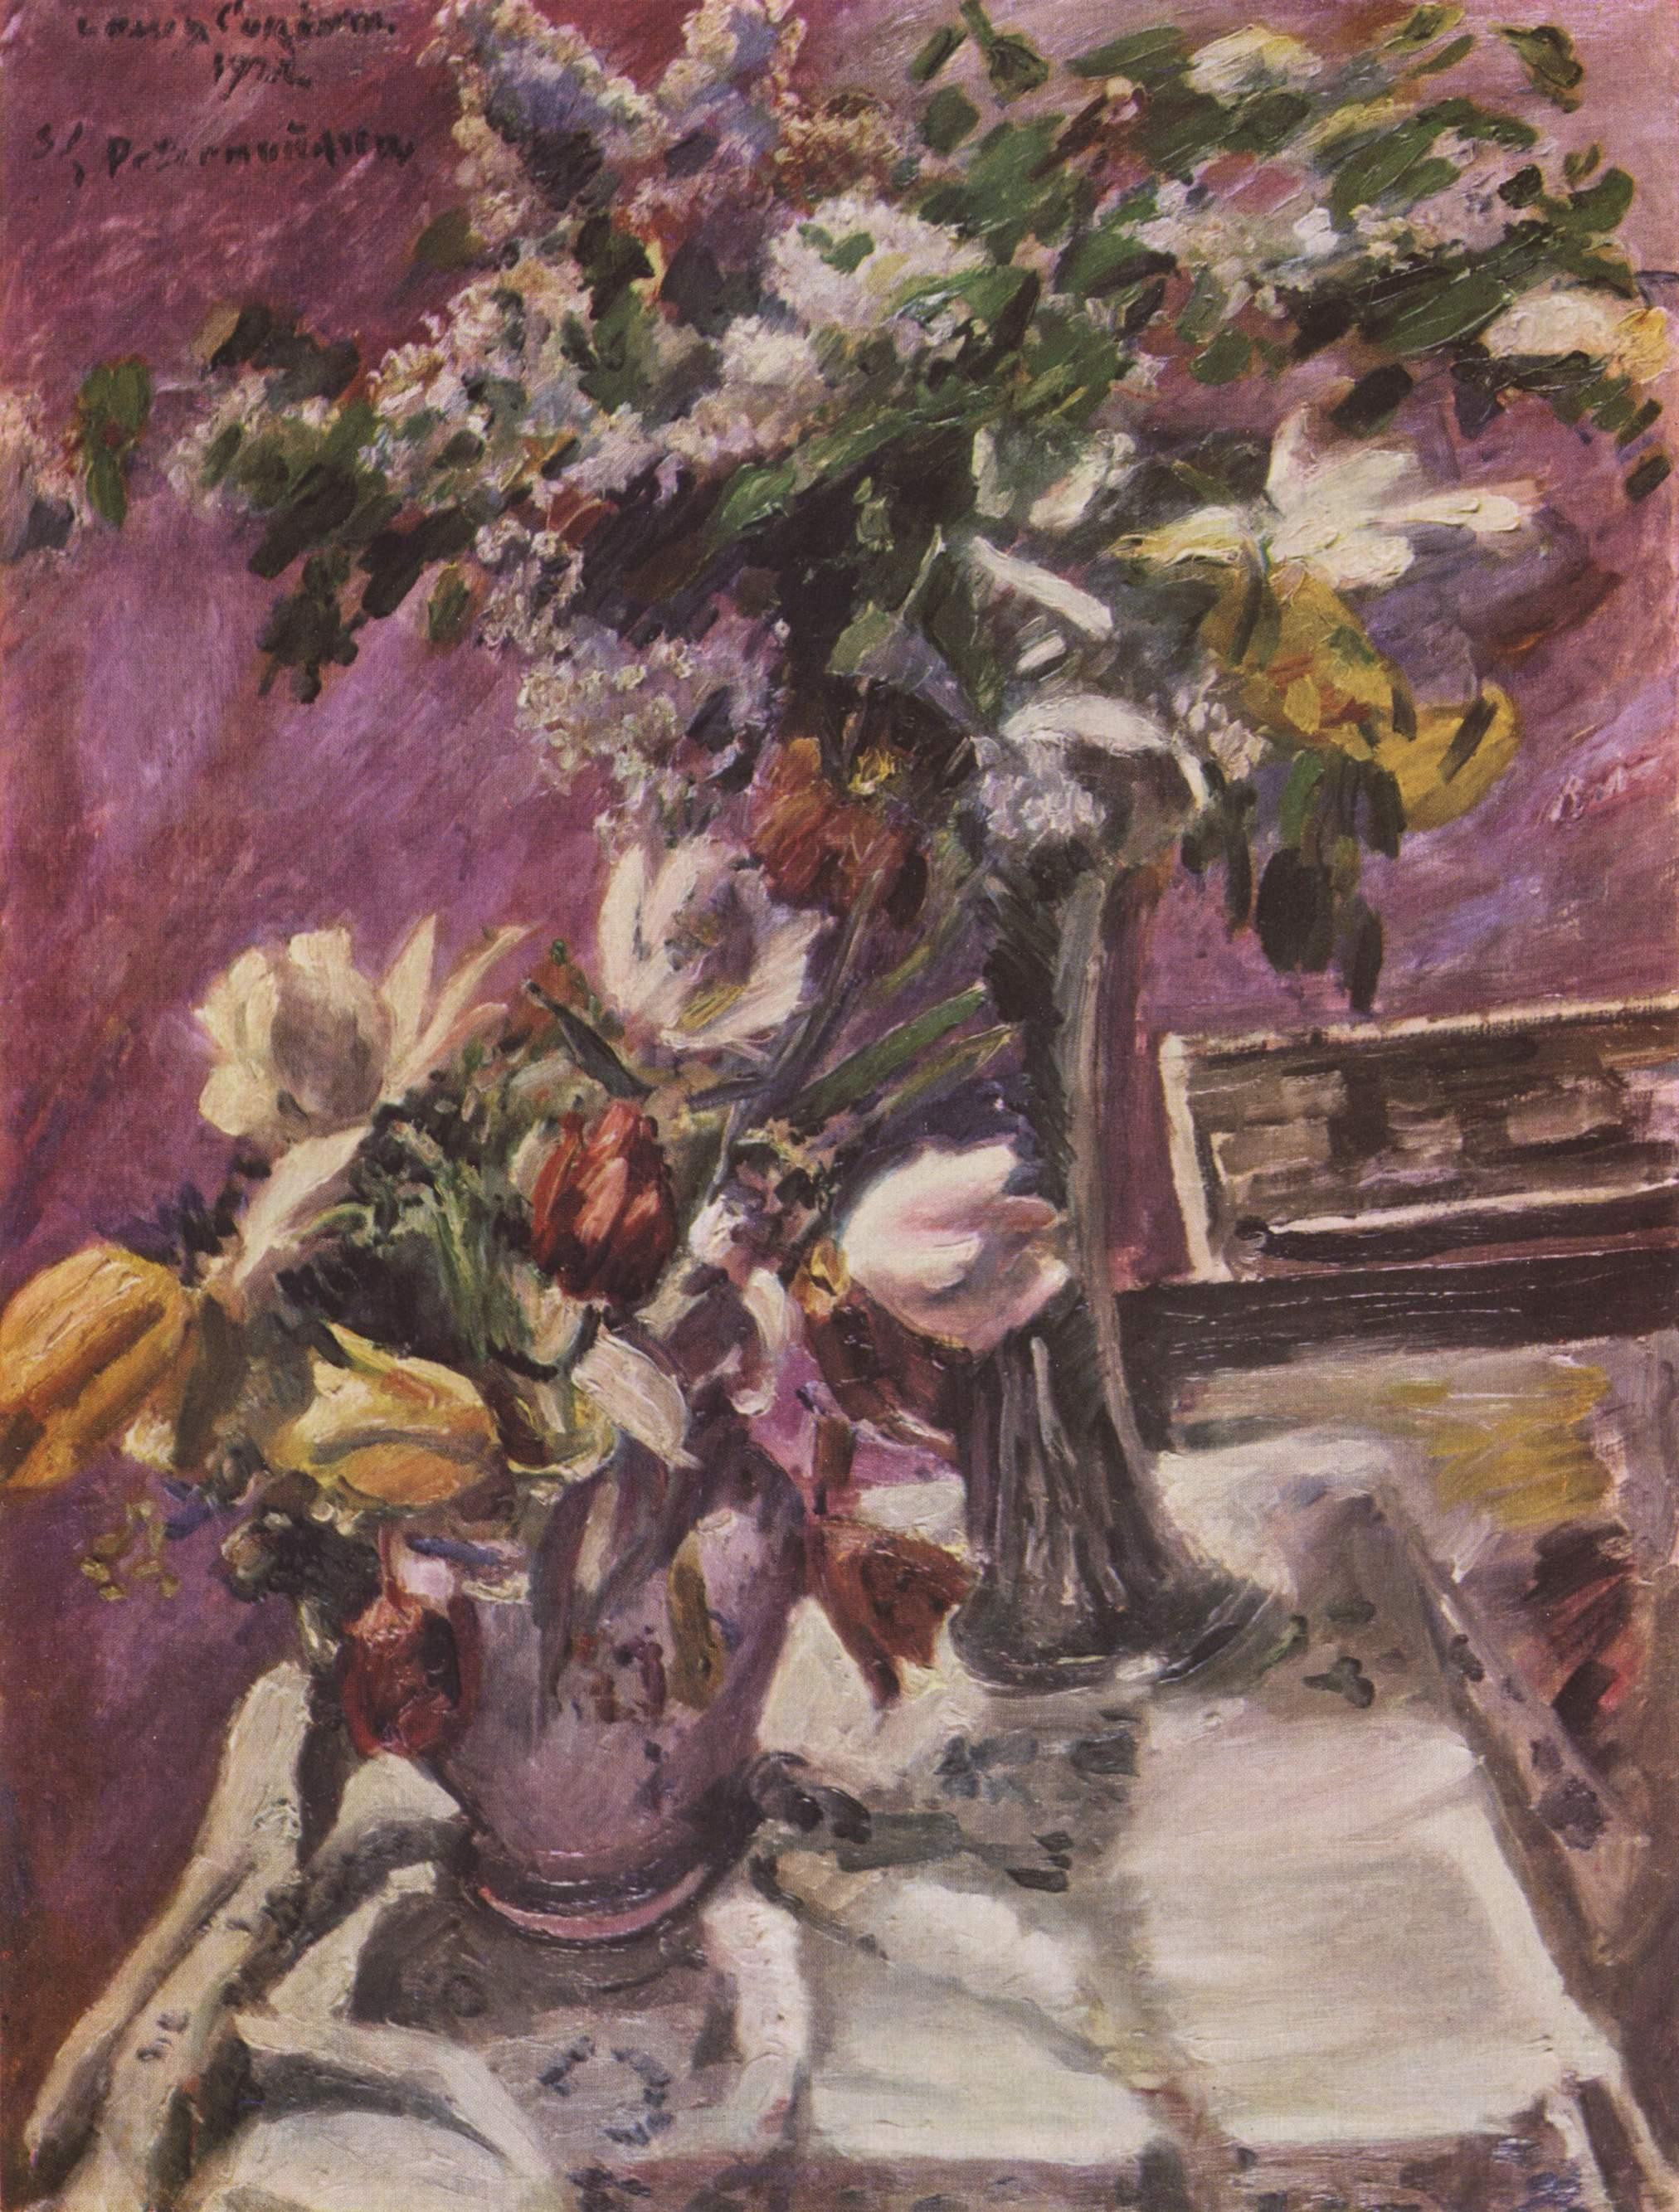 Цветочный натюрморт, сирень и тюльпаны, Коринт Ловис